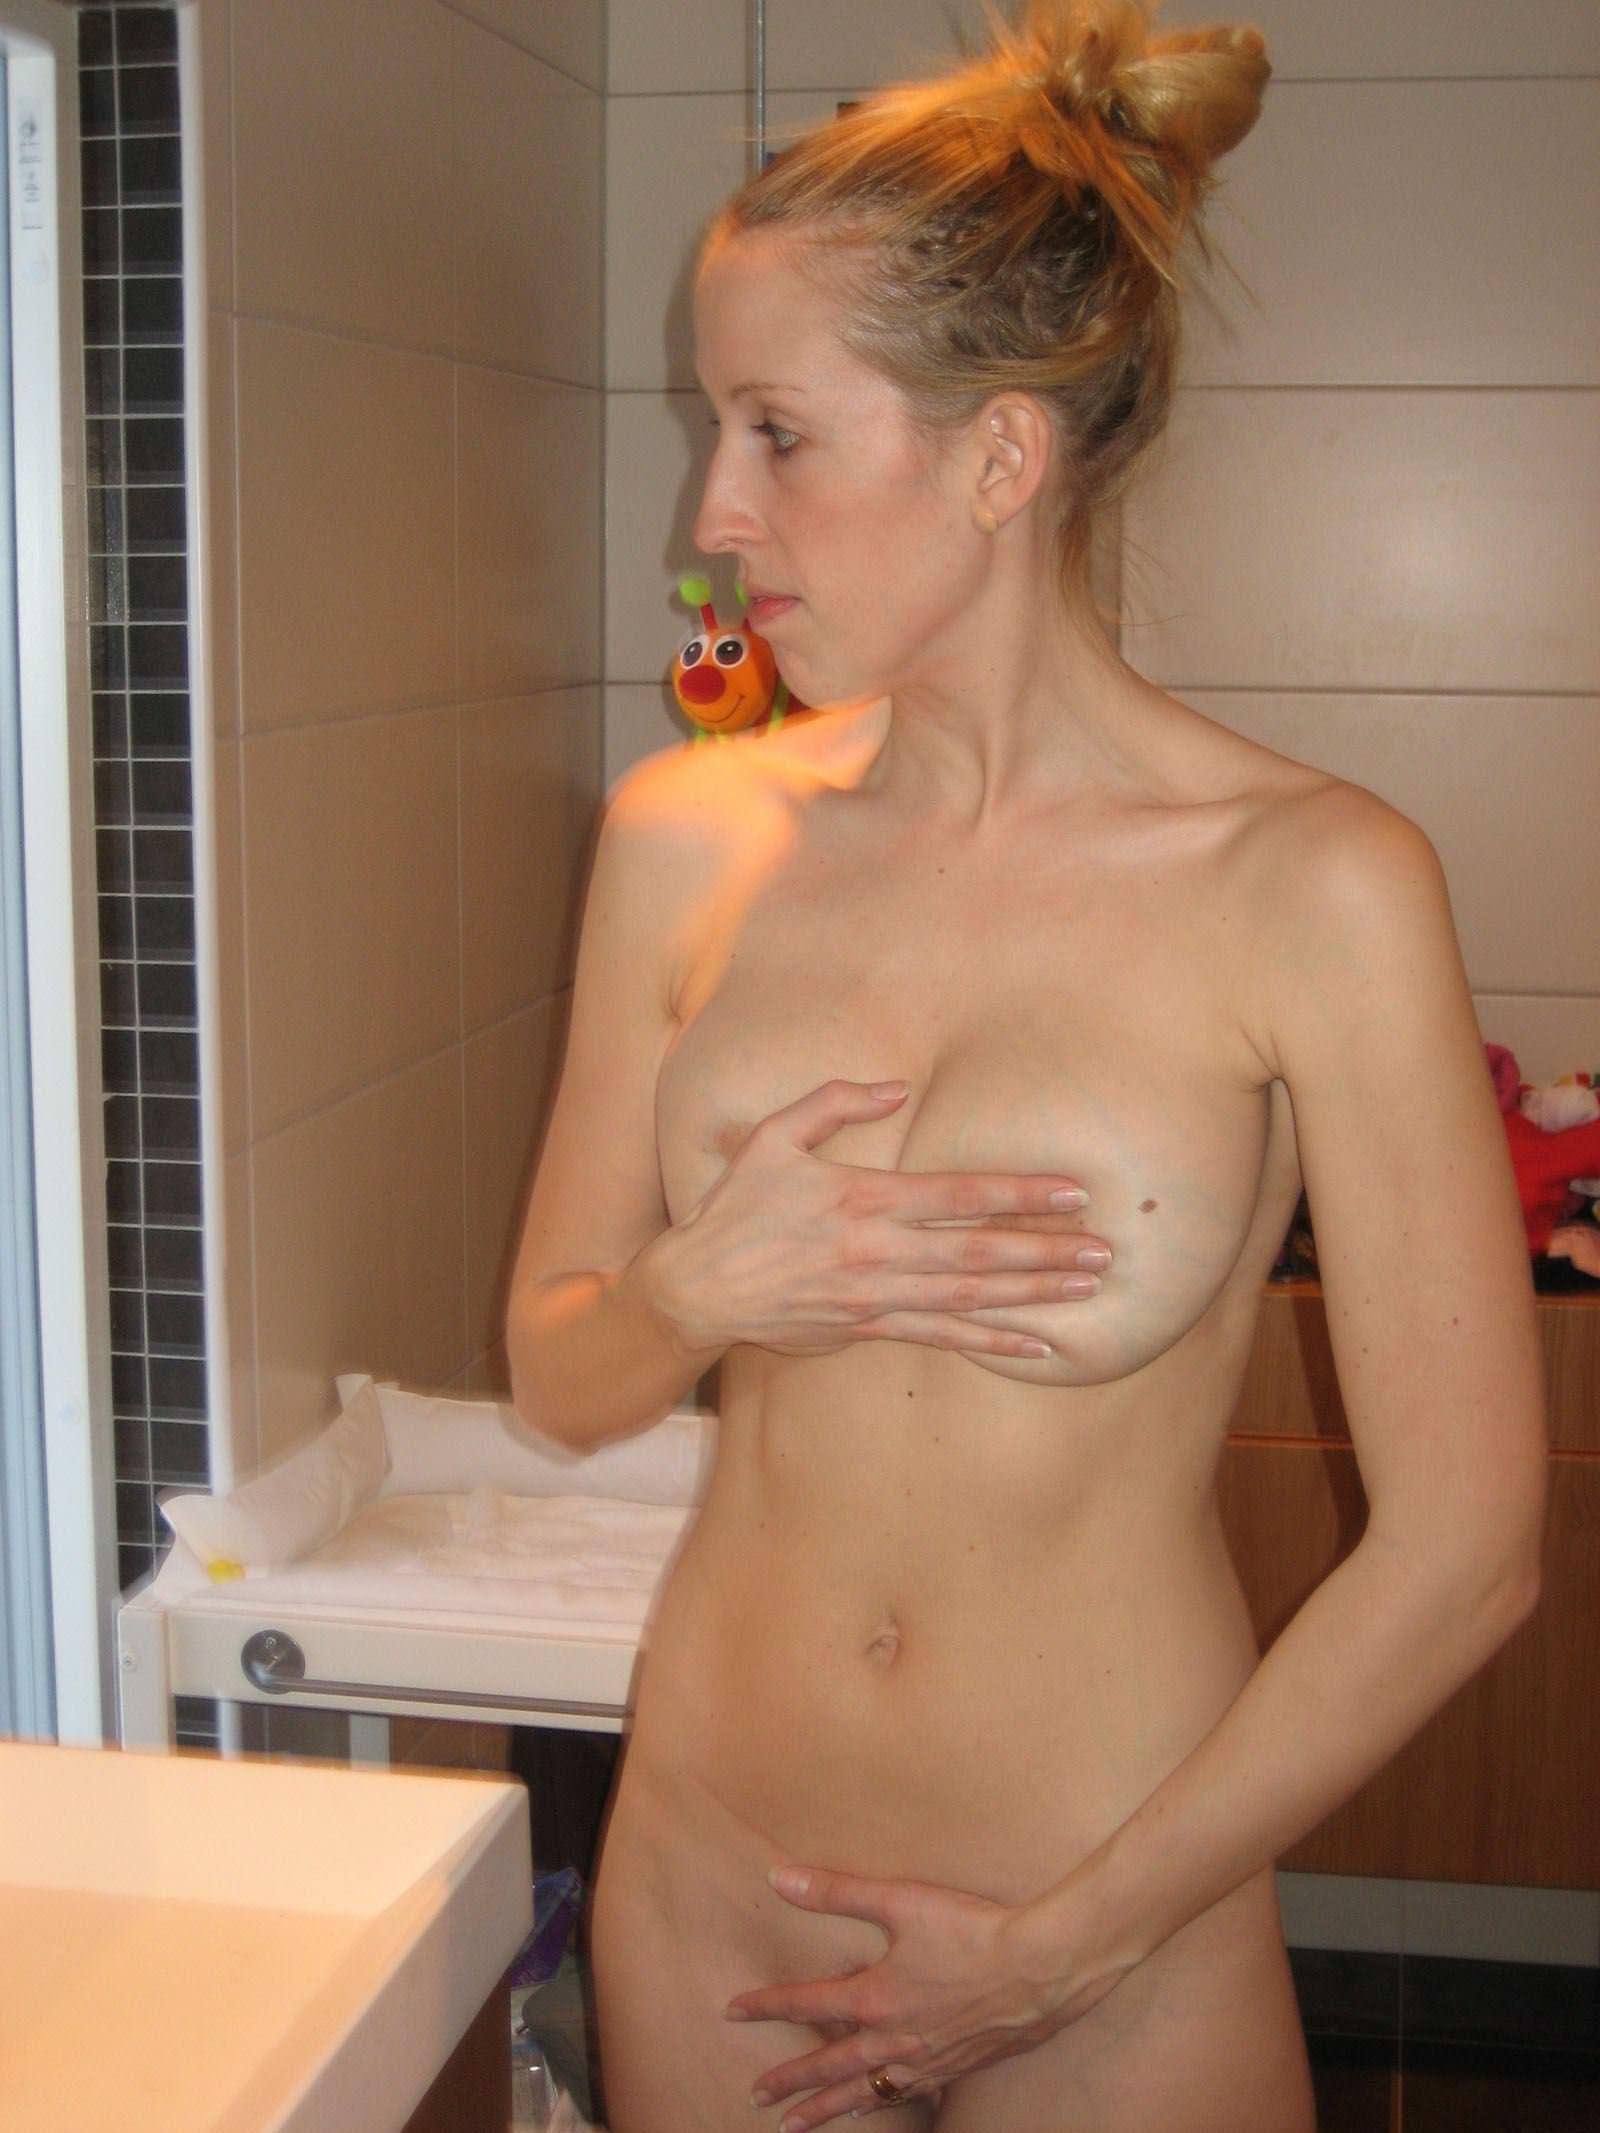 【外人】スウェーデンの金髪素人美女が彼氏とエッチして妊娠した姿を晒すポルノ画像 3521